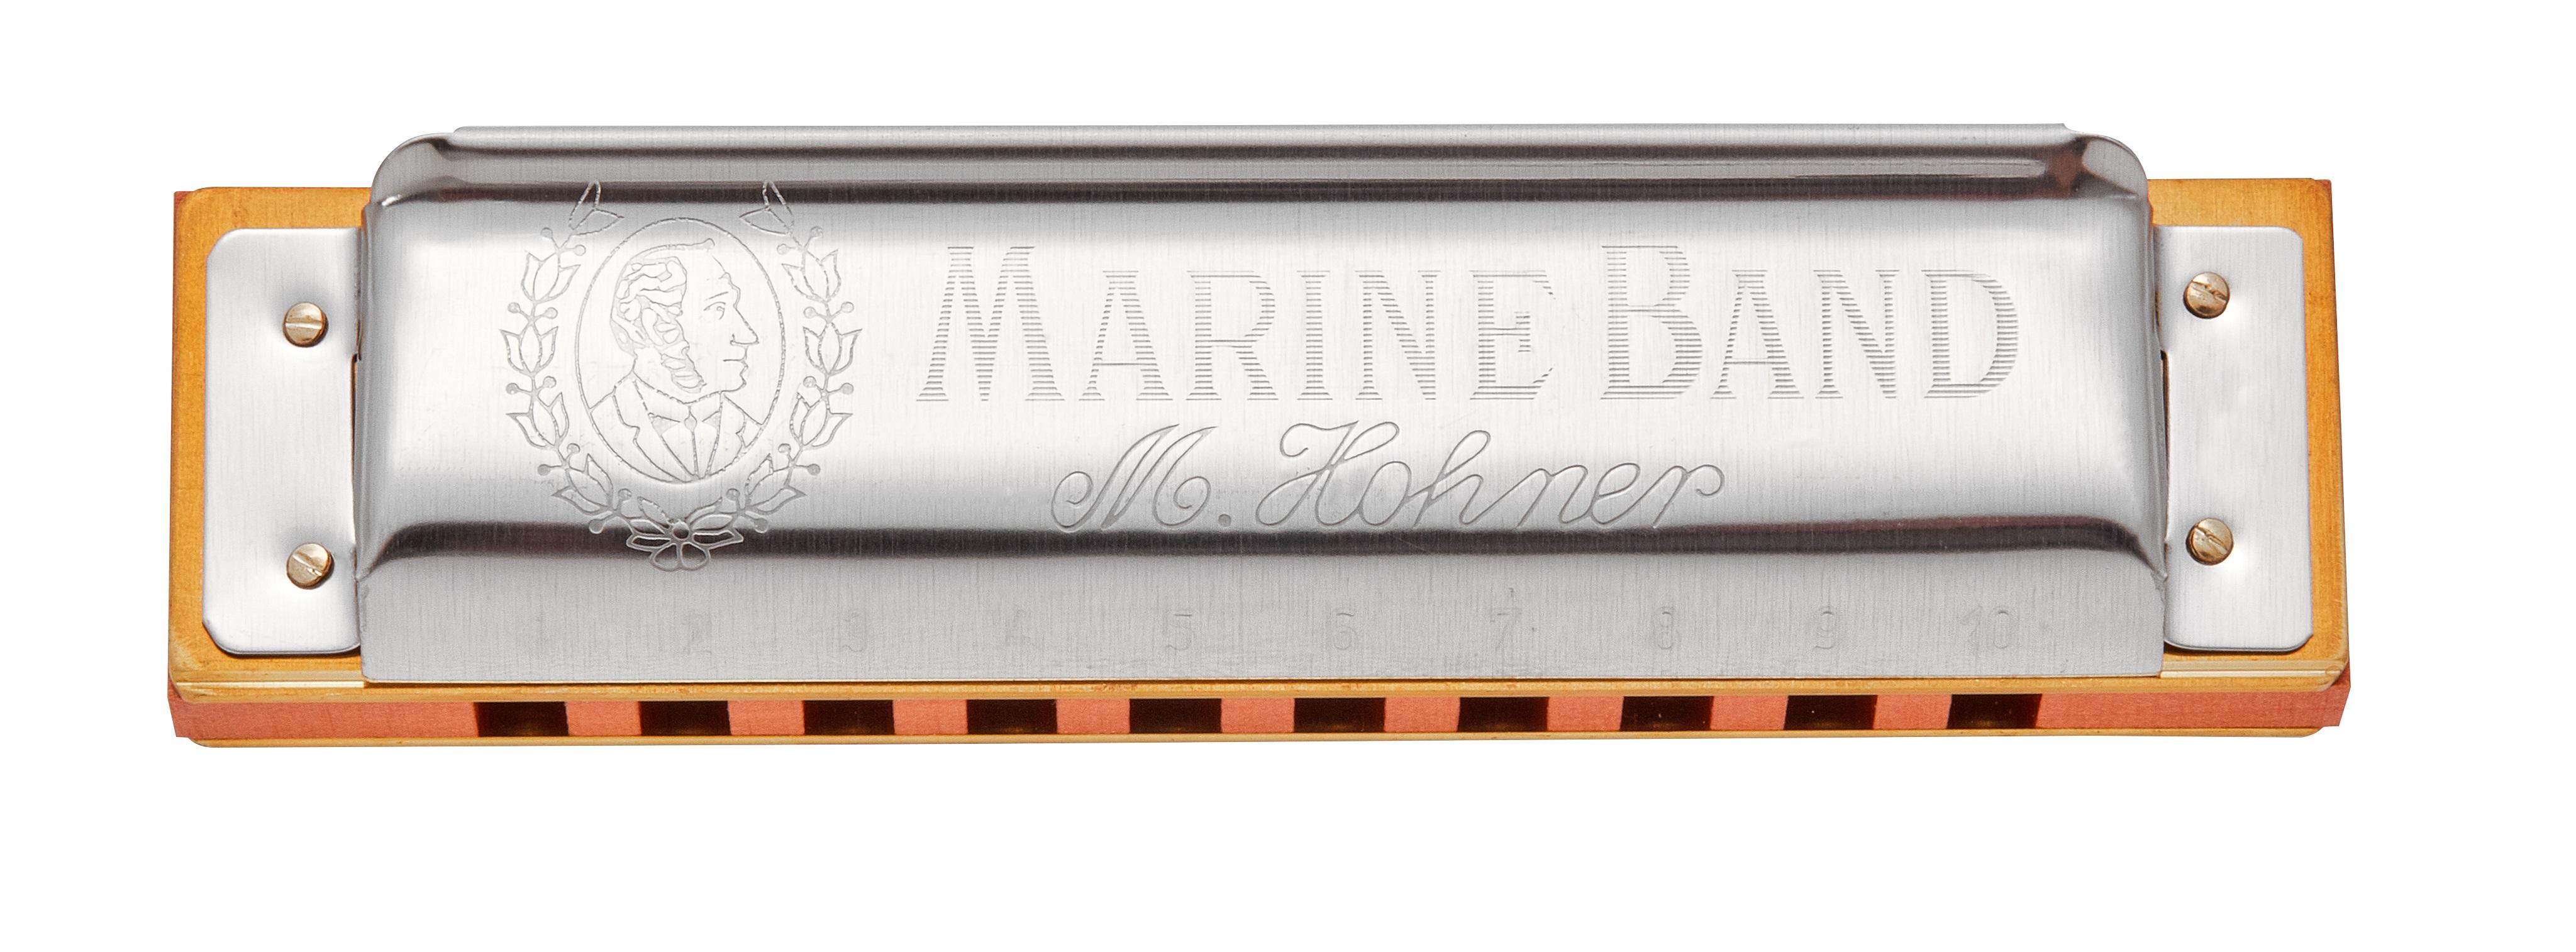 Hohner Marine Band 1896 Eb-harmonic minor